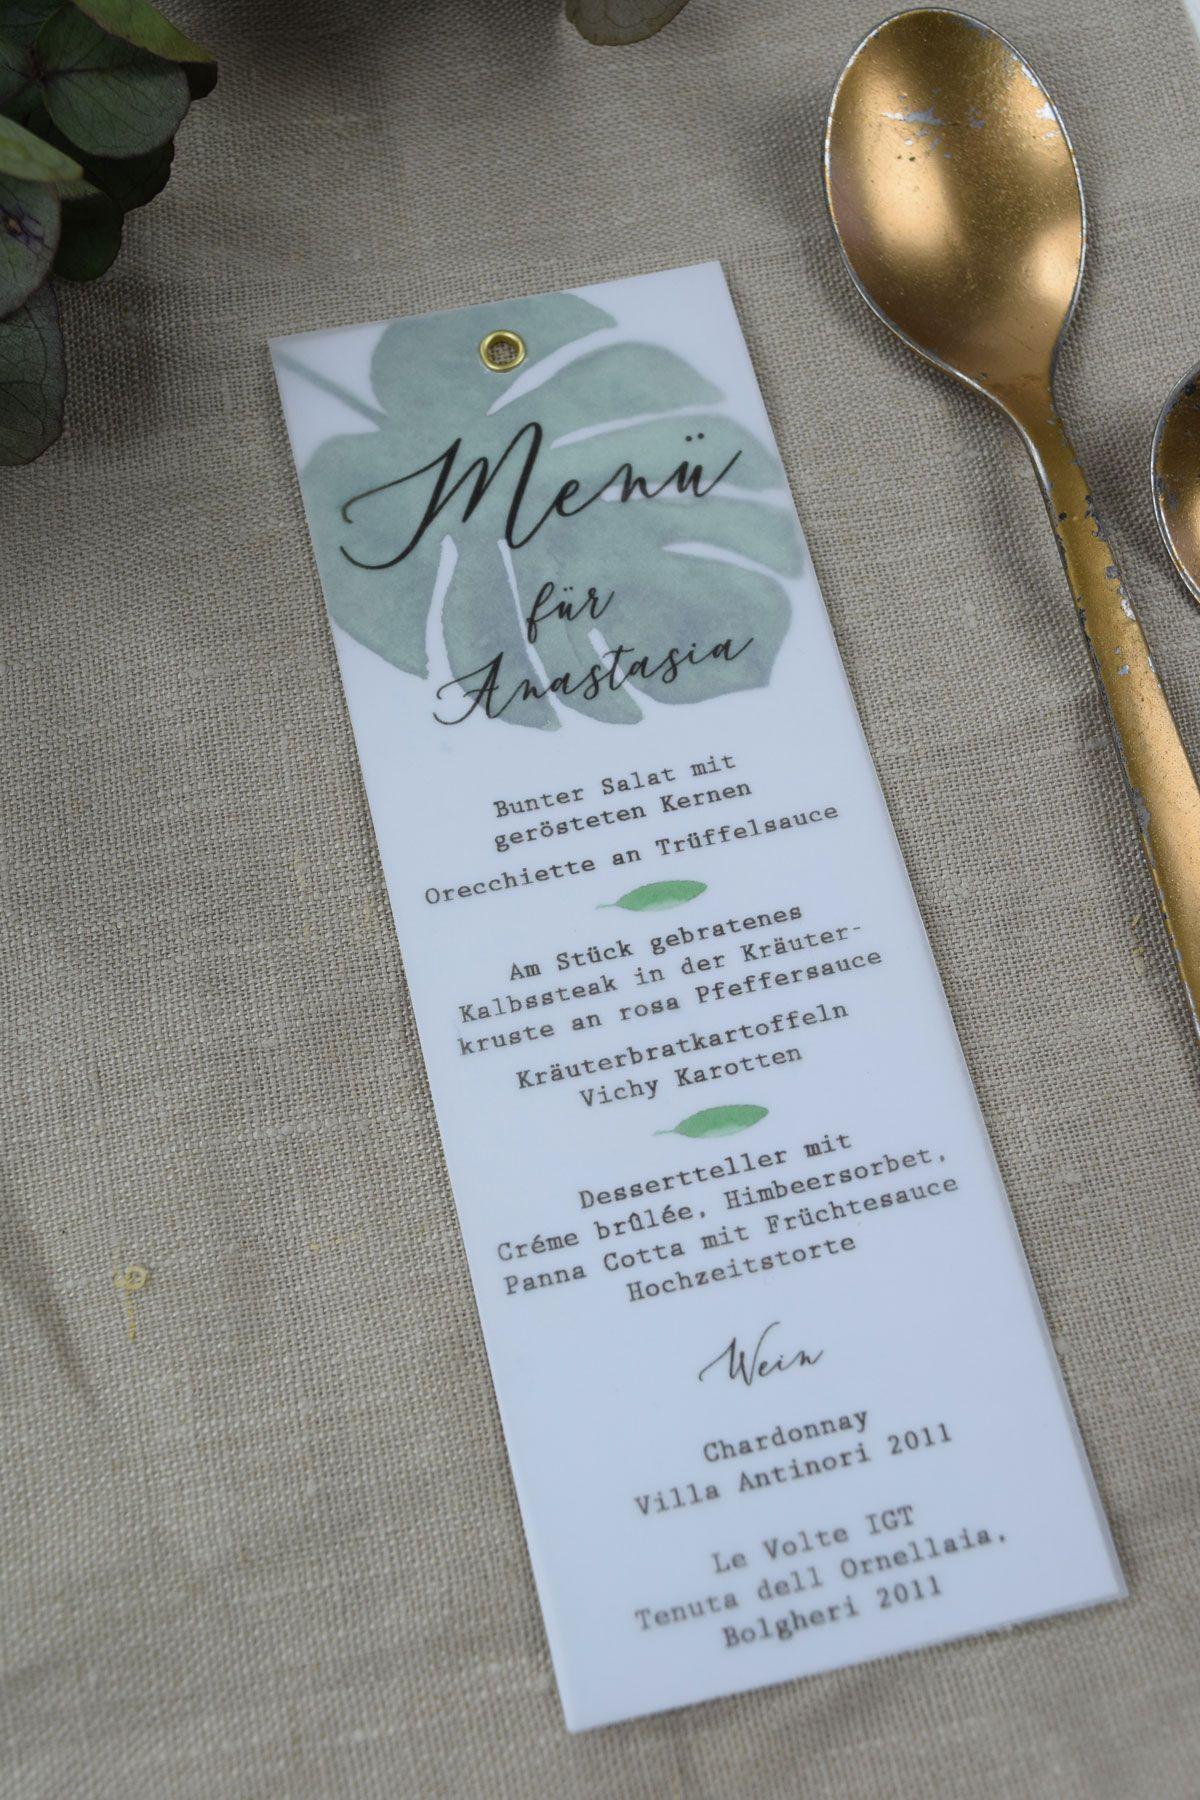 Ahnliche Artikel Wie Menukarte Hochzeit Motiv Monstera Liebe Hochzeitsmenu Individuelle Speisekarte Inkl Namensbedruckung Auf Etsy Wedding Menu Menu Cards Transparent Paper